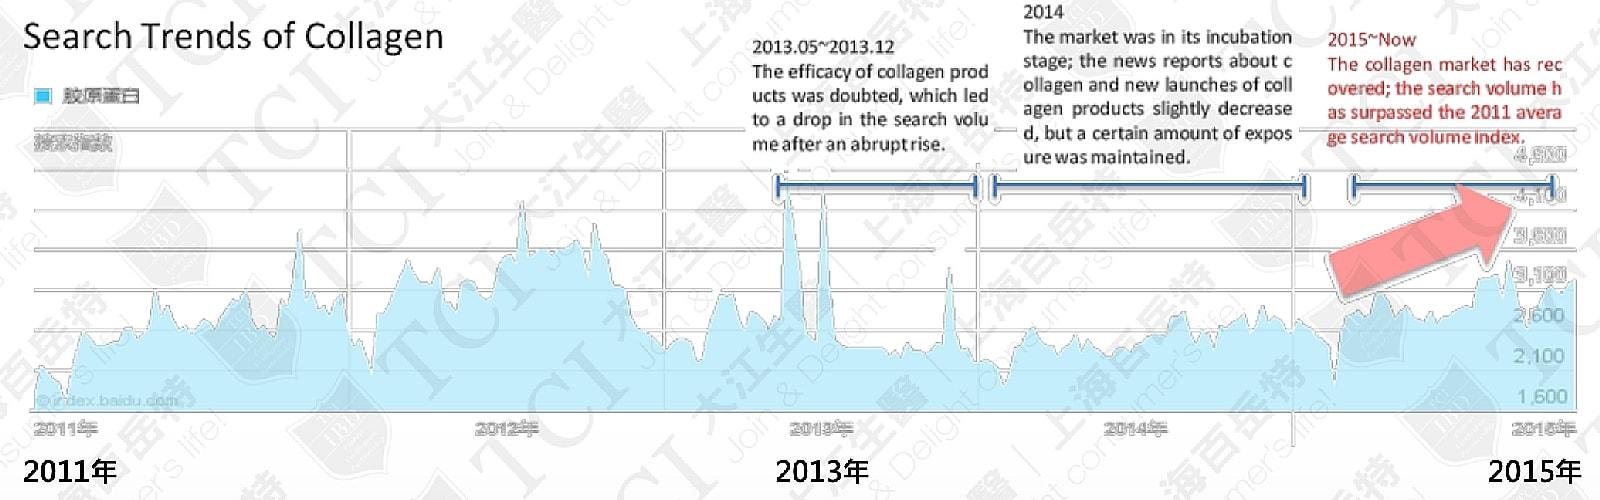 Search Volume of Collagen, Data source: Baidu Index